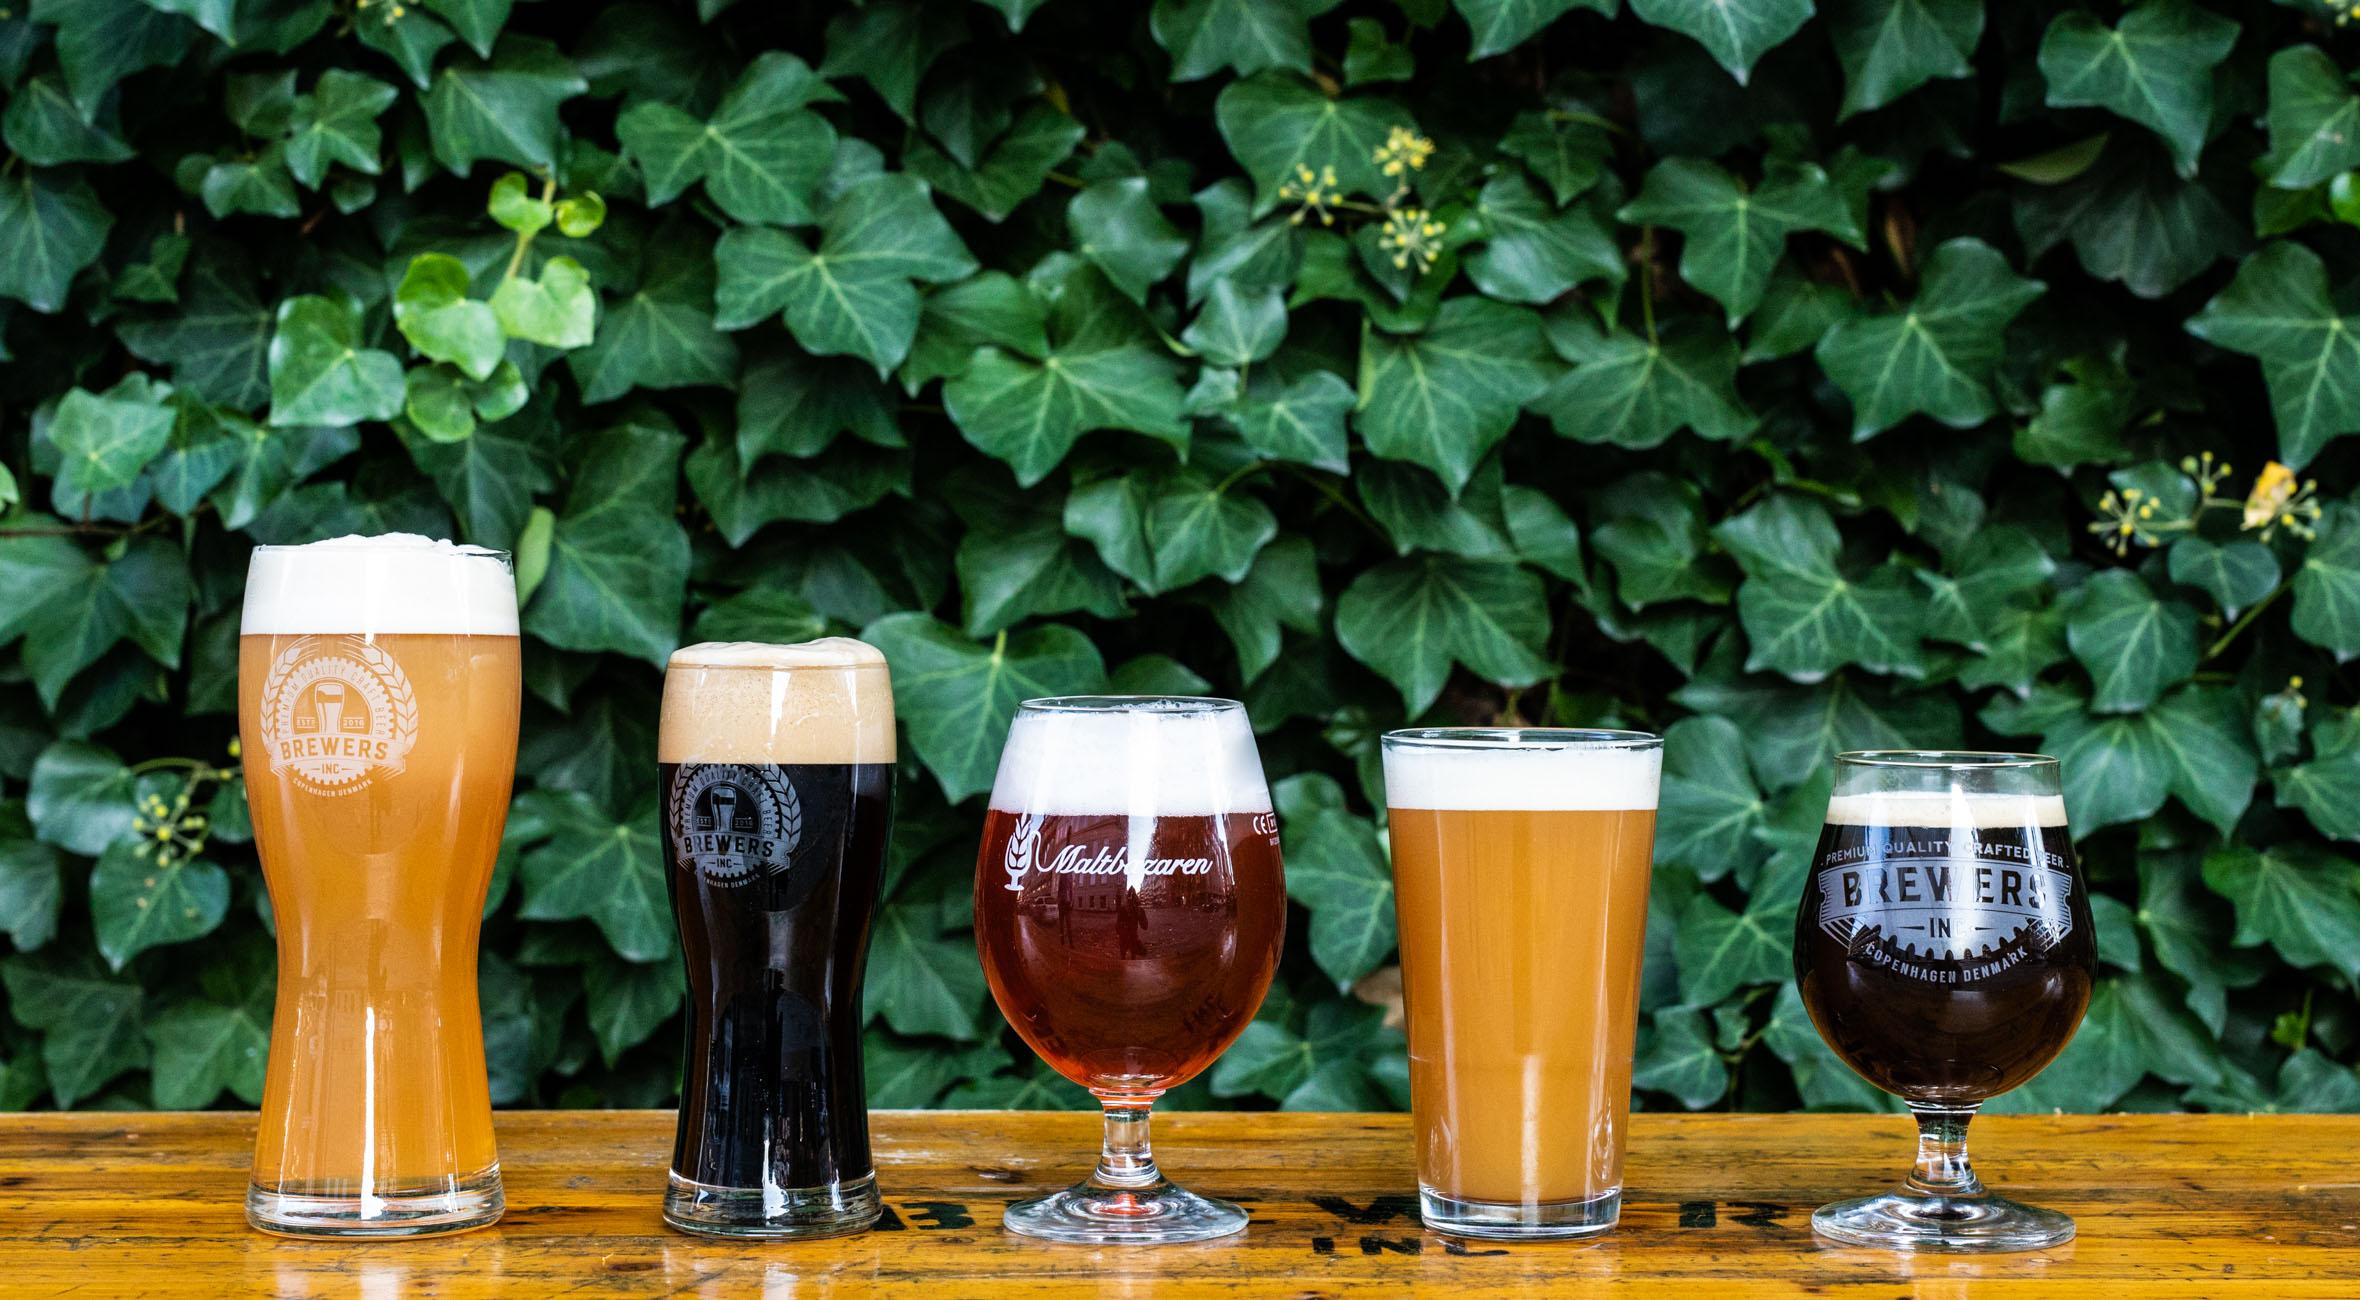 Frit valg til alt hos Brewers Inc. på Nørrebro – Hypet ølbar byder på øl fra verdens bedste mikrobryggere